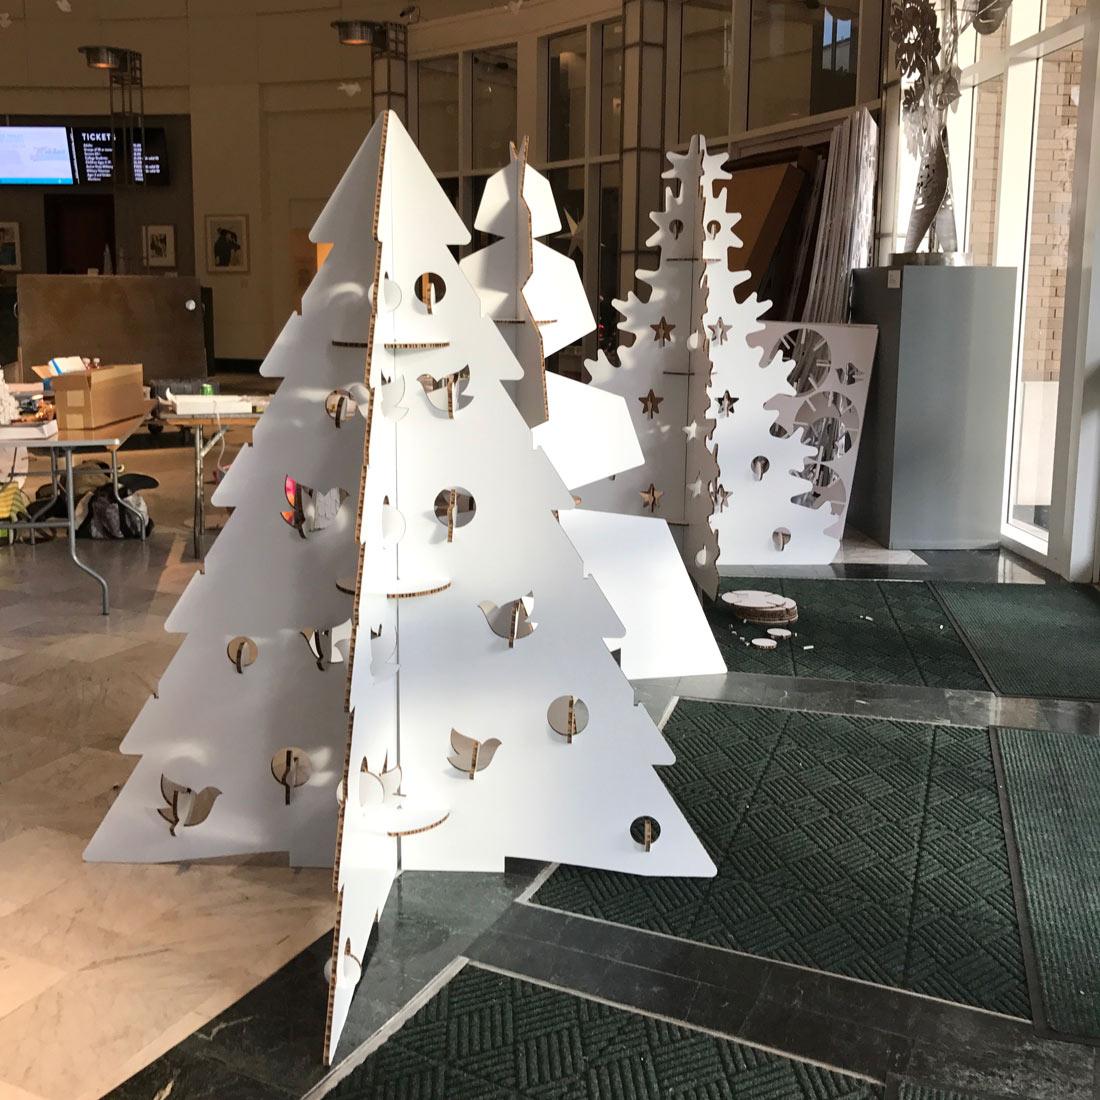 decoración navideña museo arbol navidad carton cartonlab 02